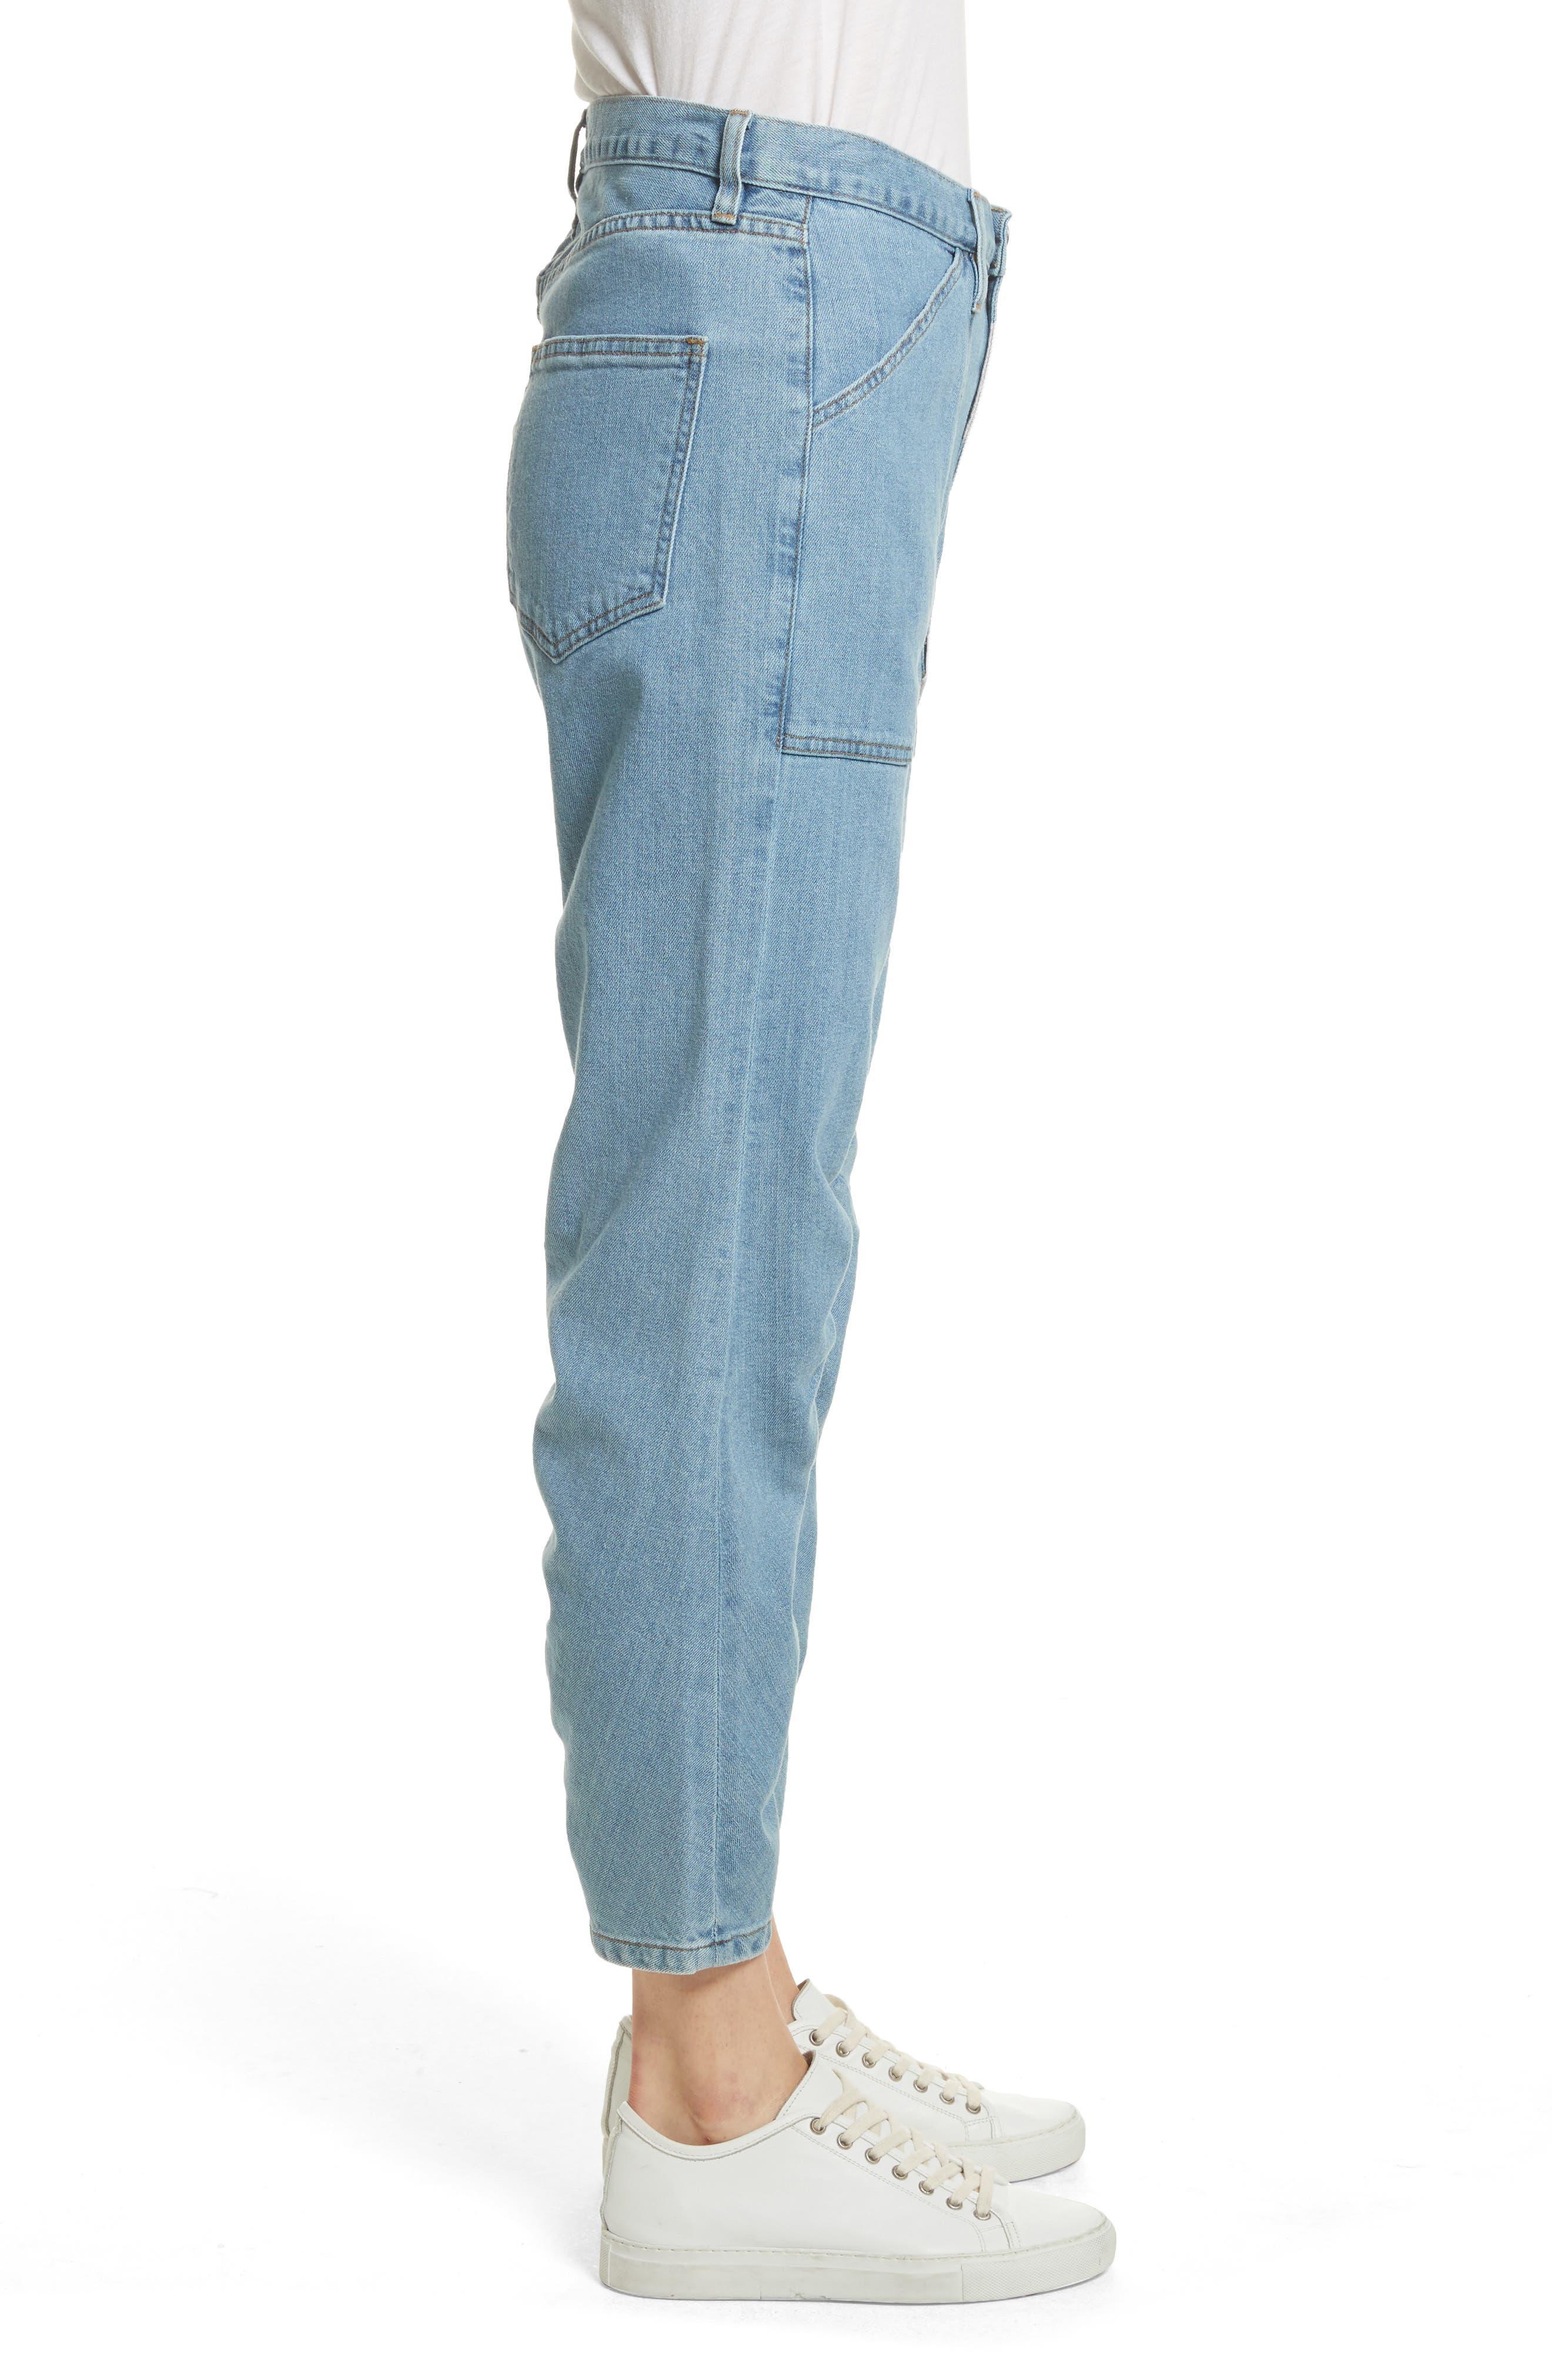 Le Ruche Crop Jeans,                             Alternate thumbnail 3, color,                             421